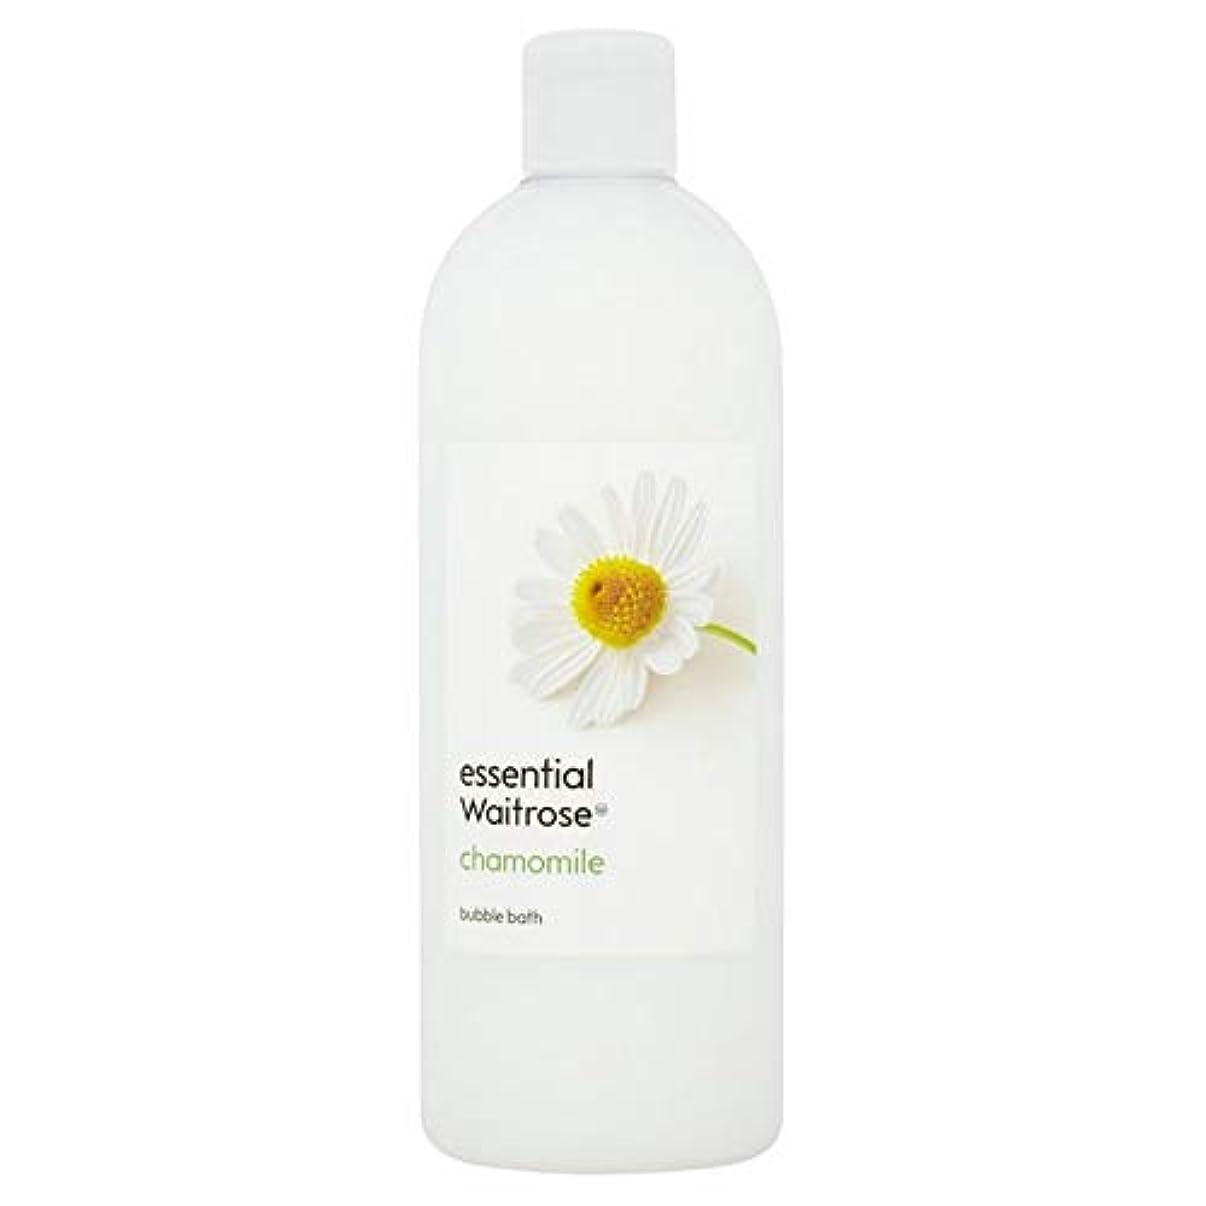 セールスマン検閲どんよりした[Waitrose ] 基本的なウェイトローズ泡風呂のカモミール750ミリリットル - Essential Waitrose Bubble Bath Chamomile 750ml [並行輸入品]